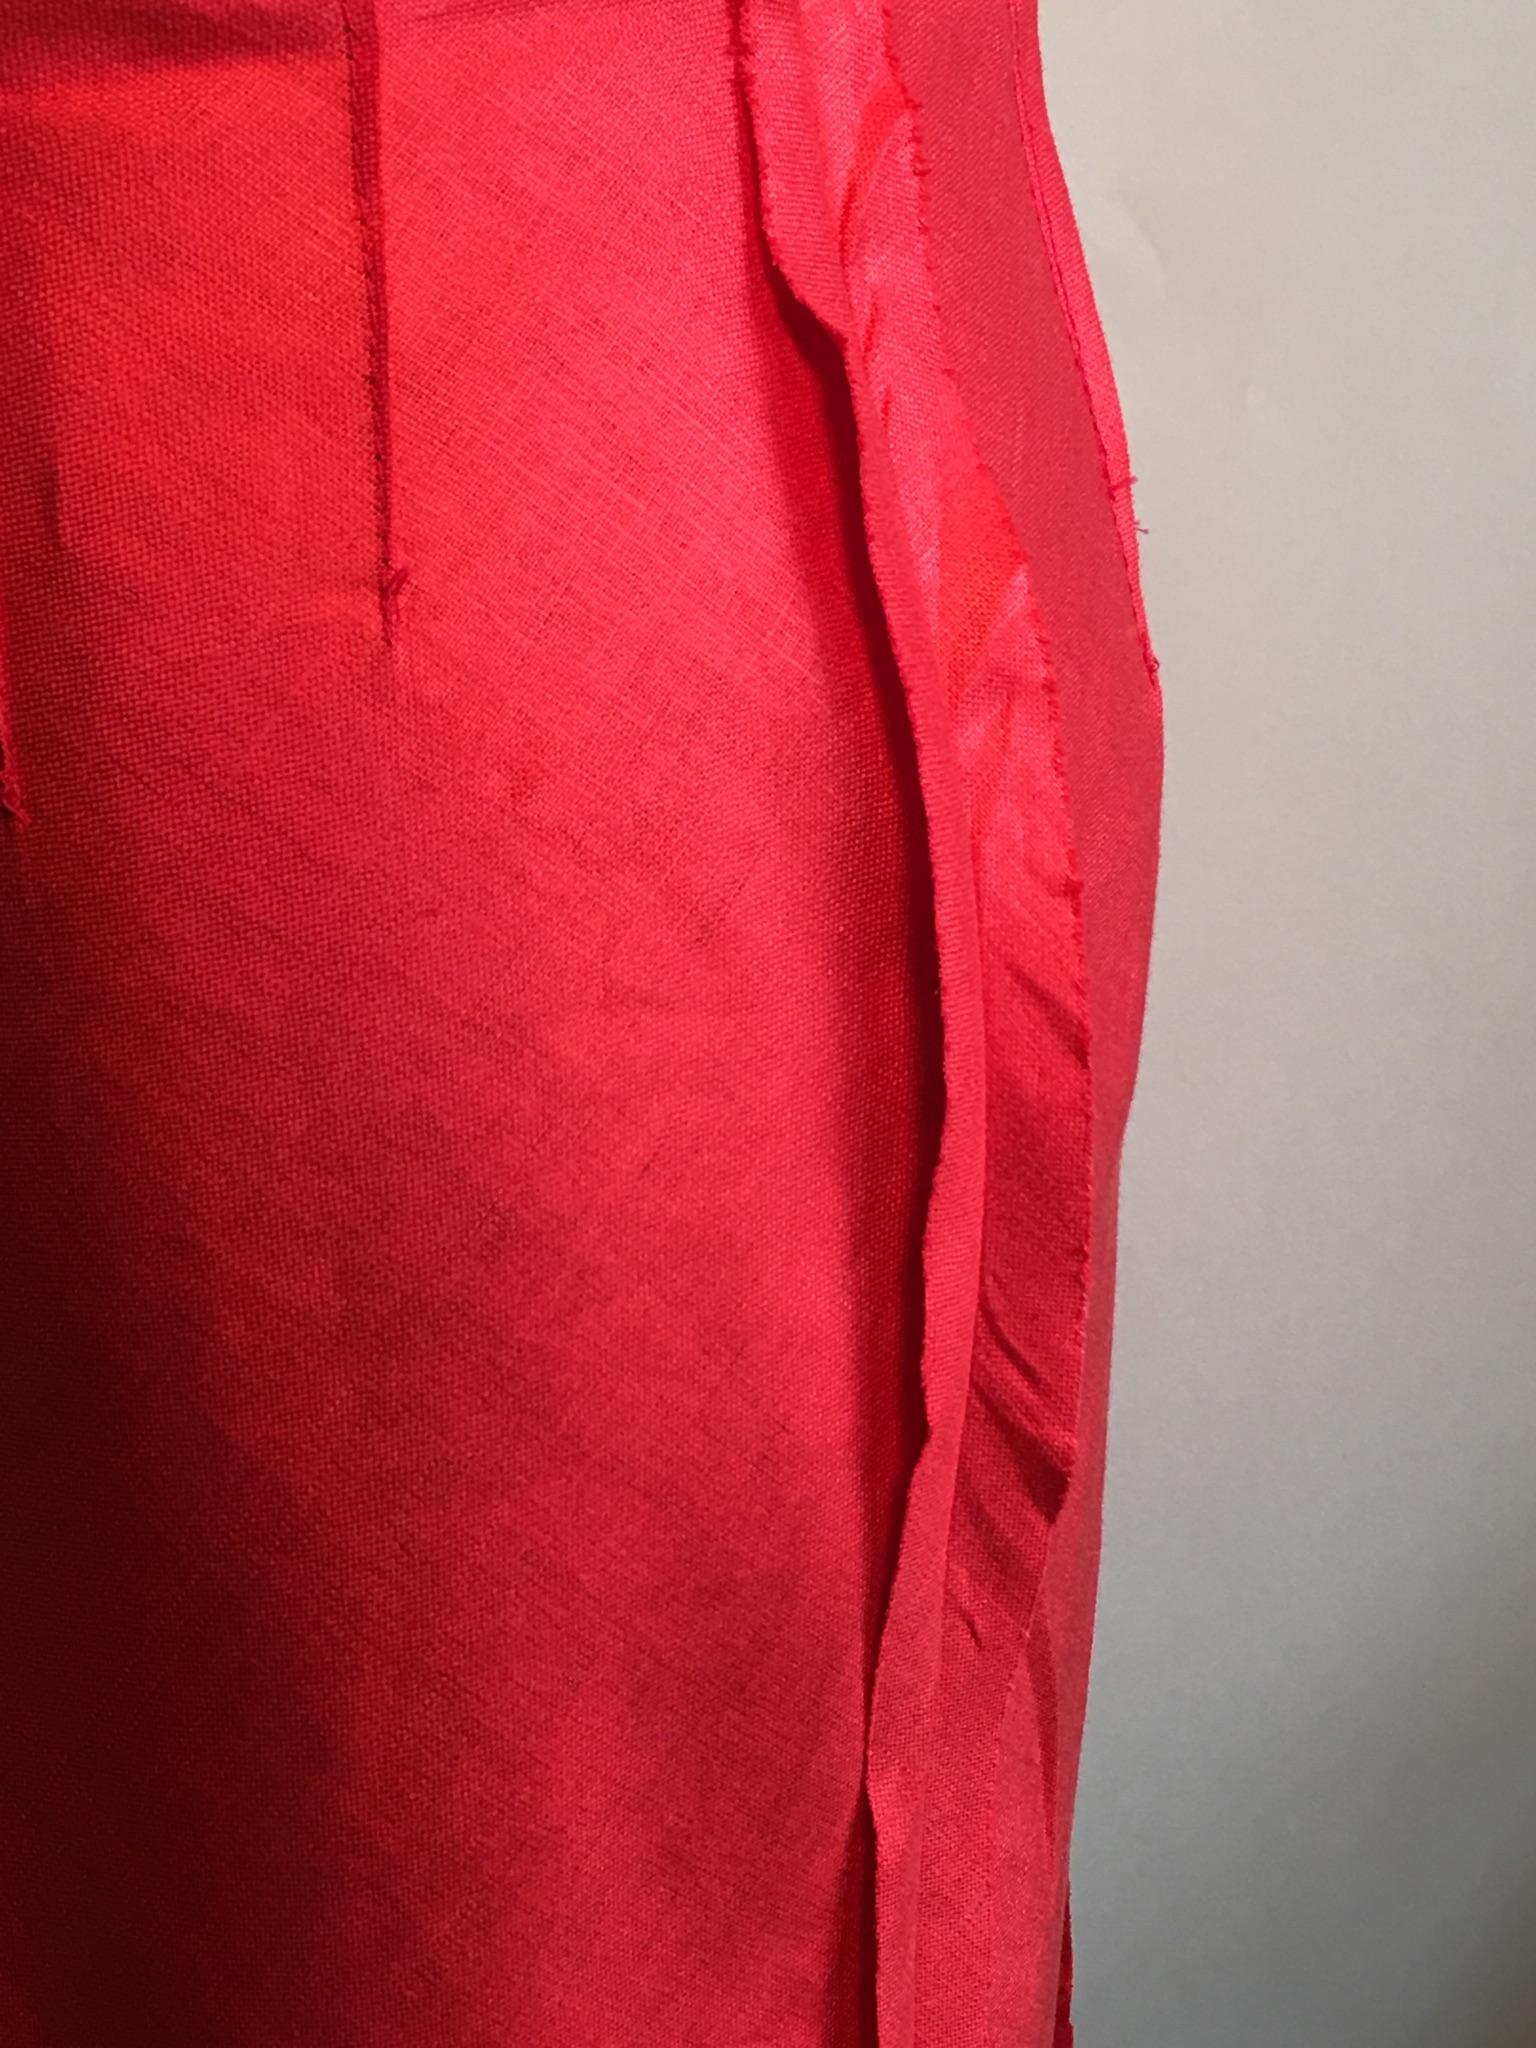 Red Skirt 7.jpg